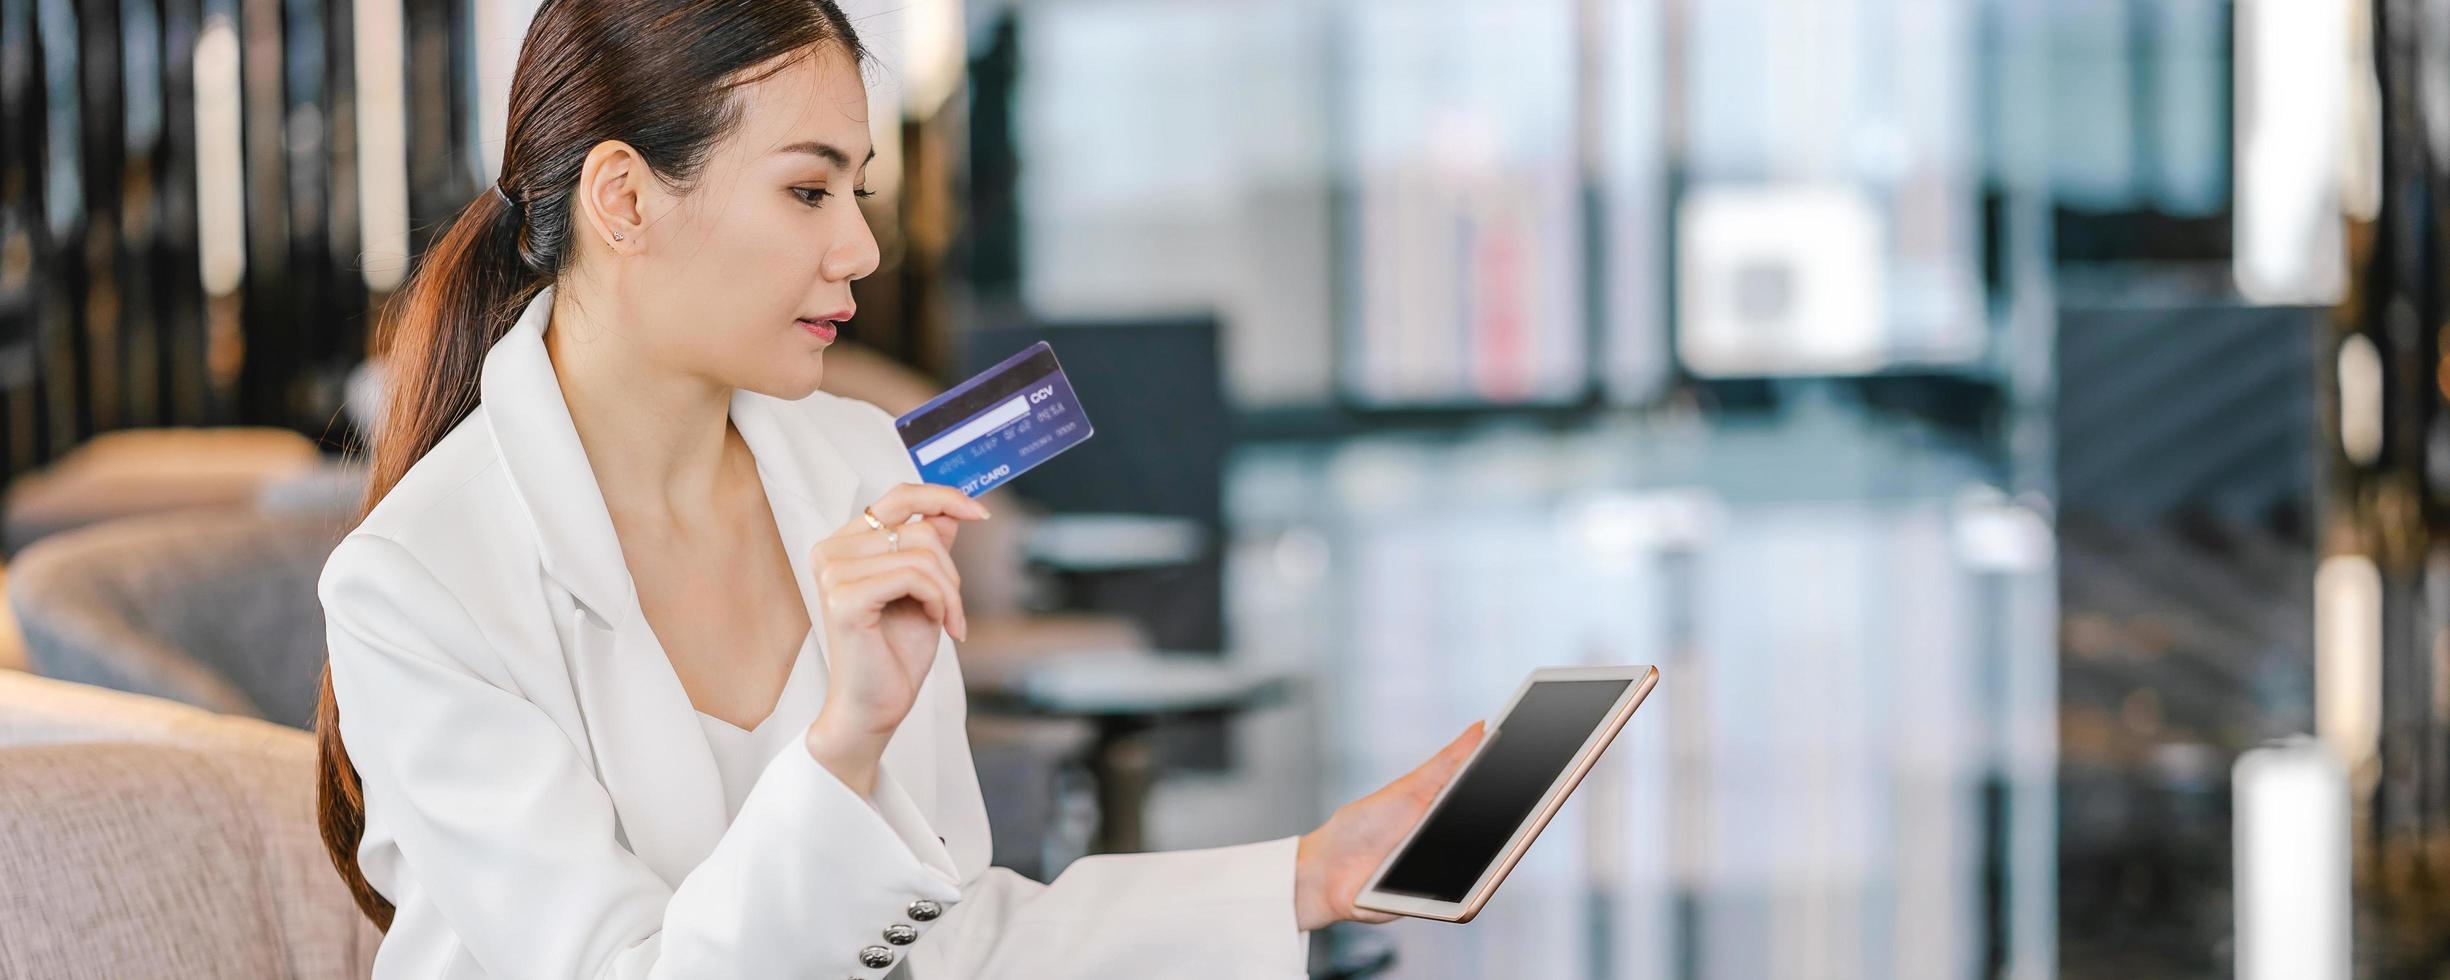 une femme asiatique à l'aide de carte de crédit pour les achats en ligne dans le hall photo